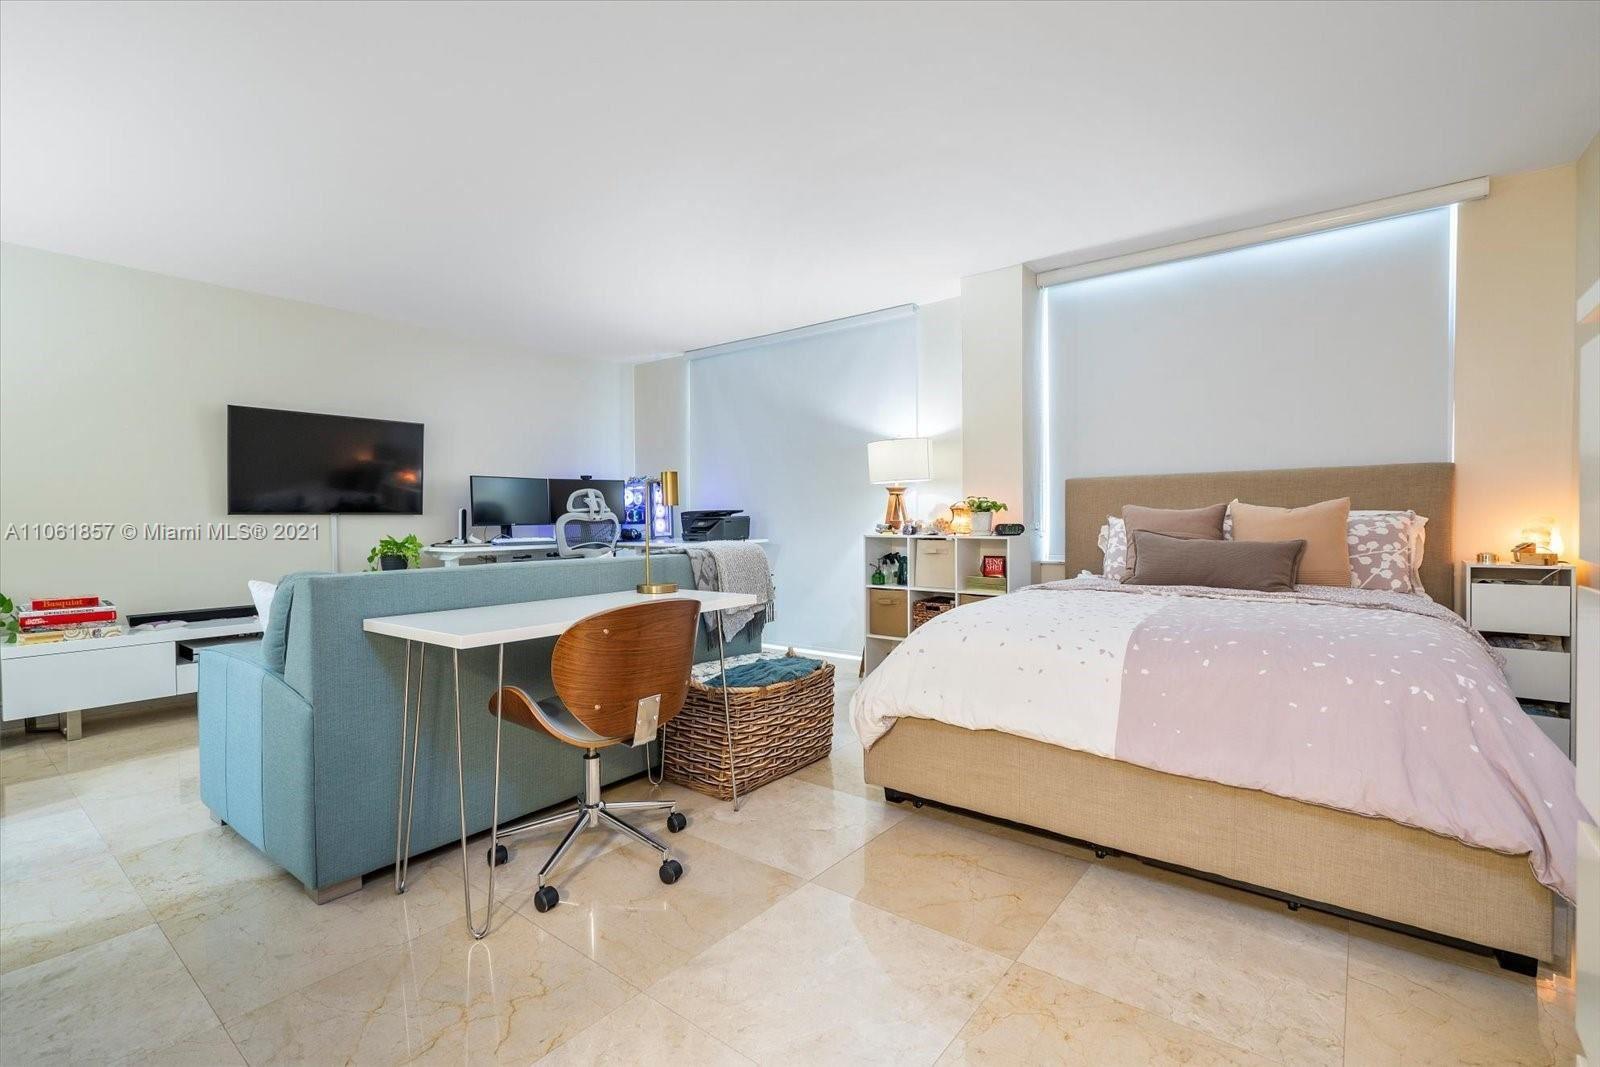 5555 Collins Ave #5P, Miami Beach, FL 33140 - #: A11061857